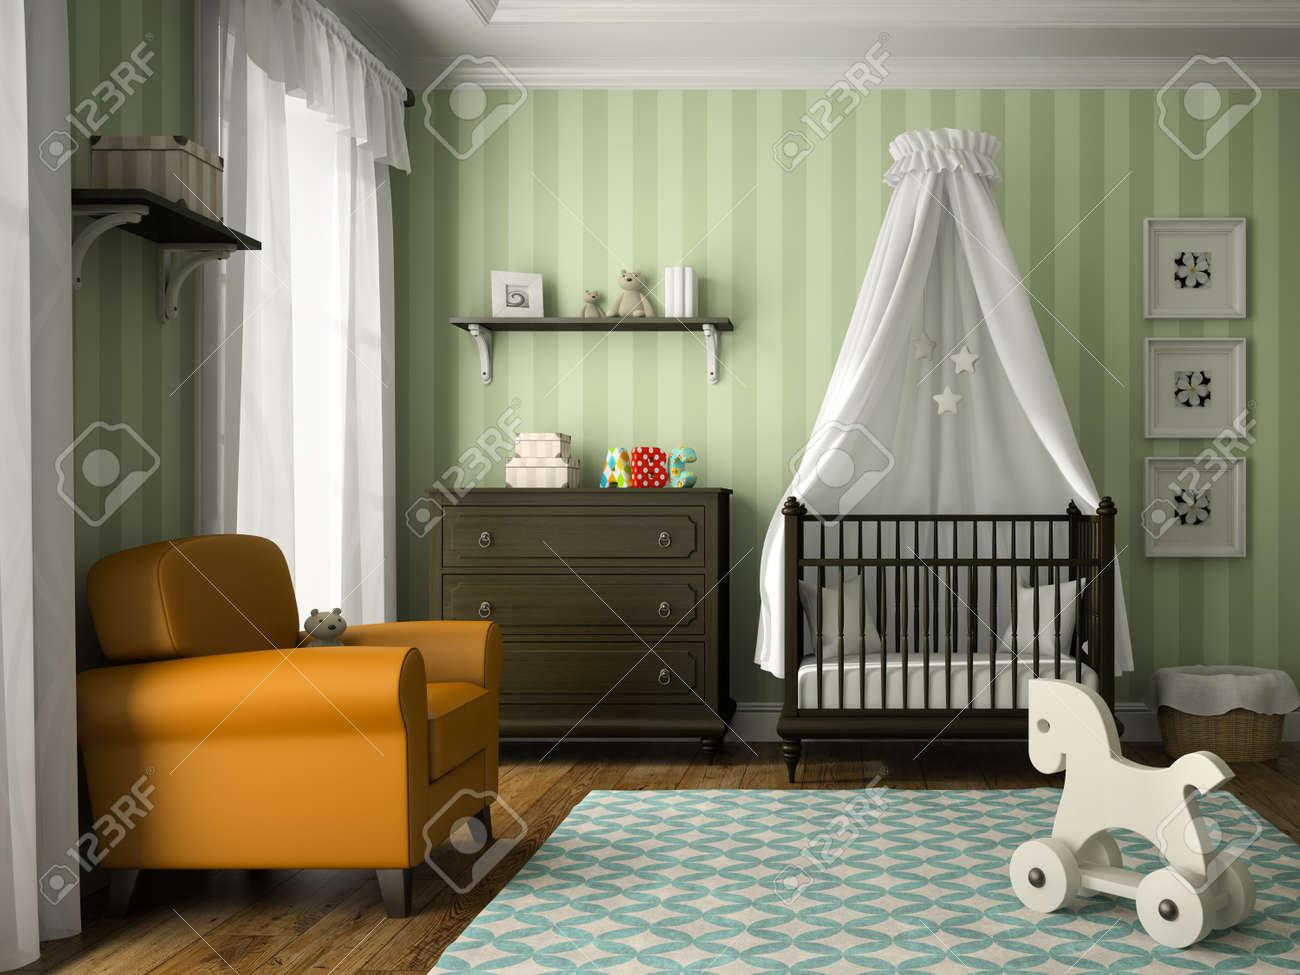 Hochwertig Klassische Kinderzimmer Mit Grünen Streifen Wand 3D Rendering Standard Bild    57655674